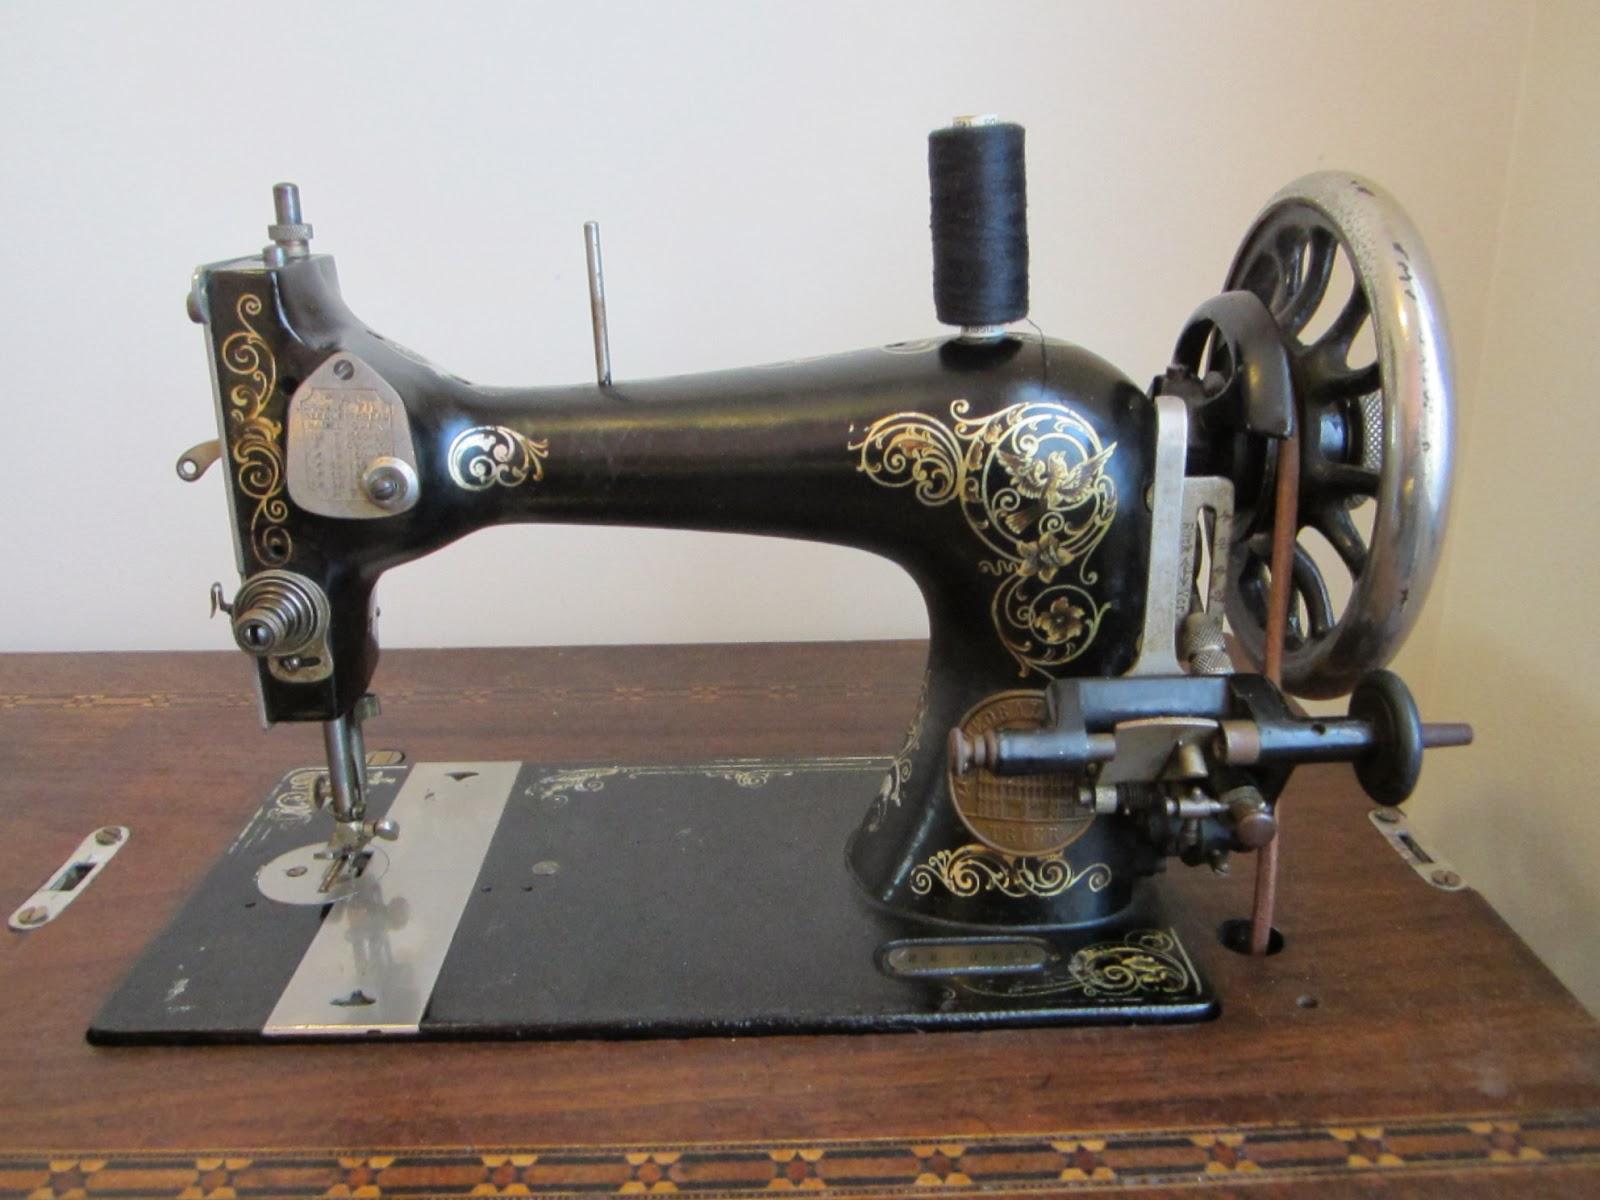 Le blog de callisto gritzner - Comment mettre une canette dans une machine a coudre singer ...